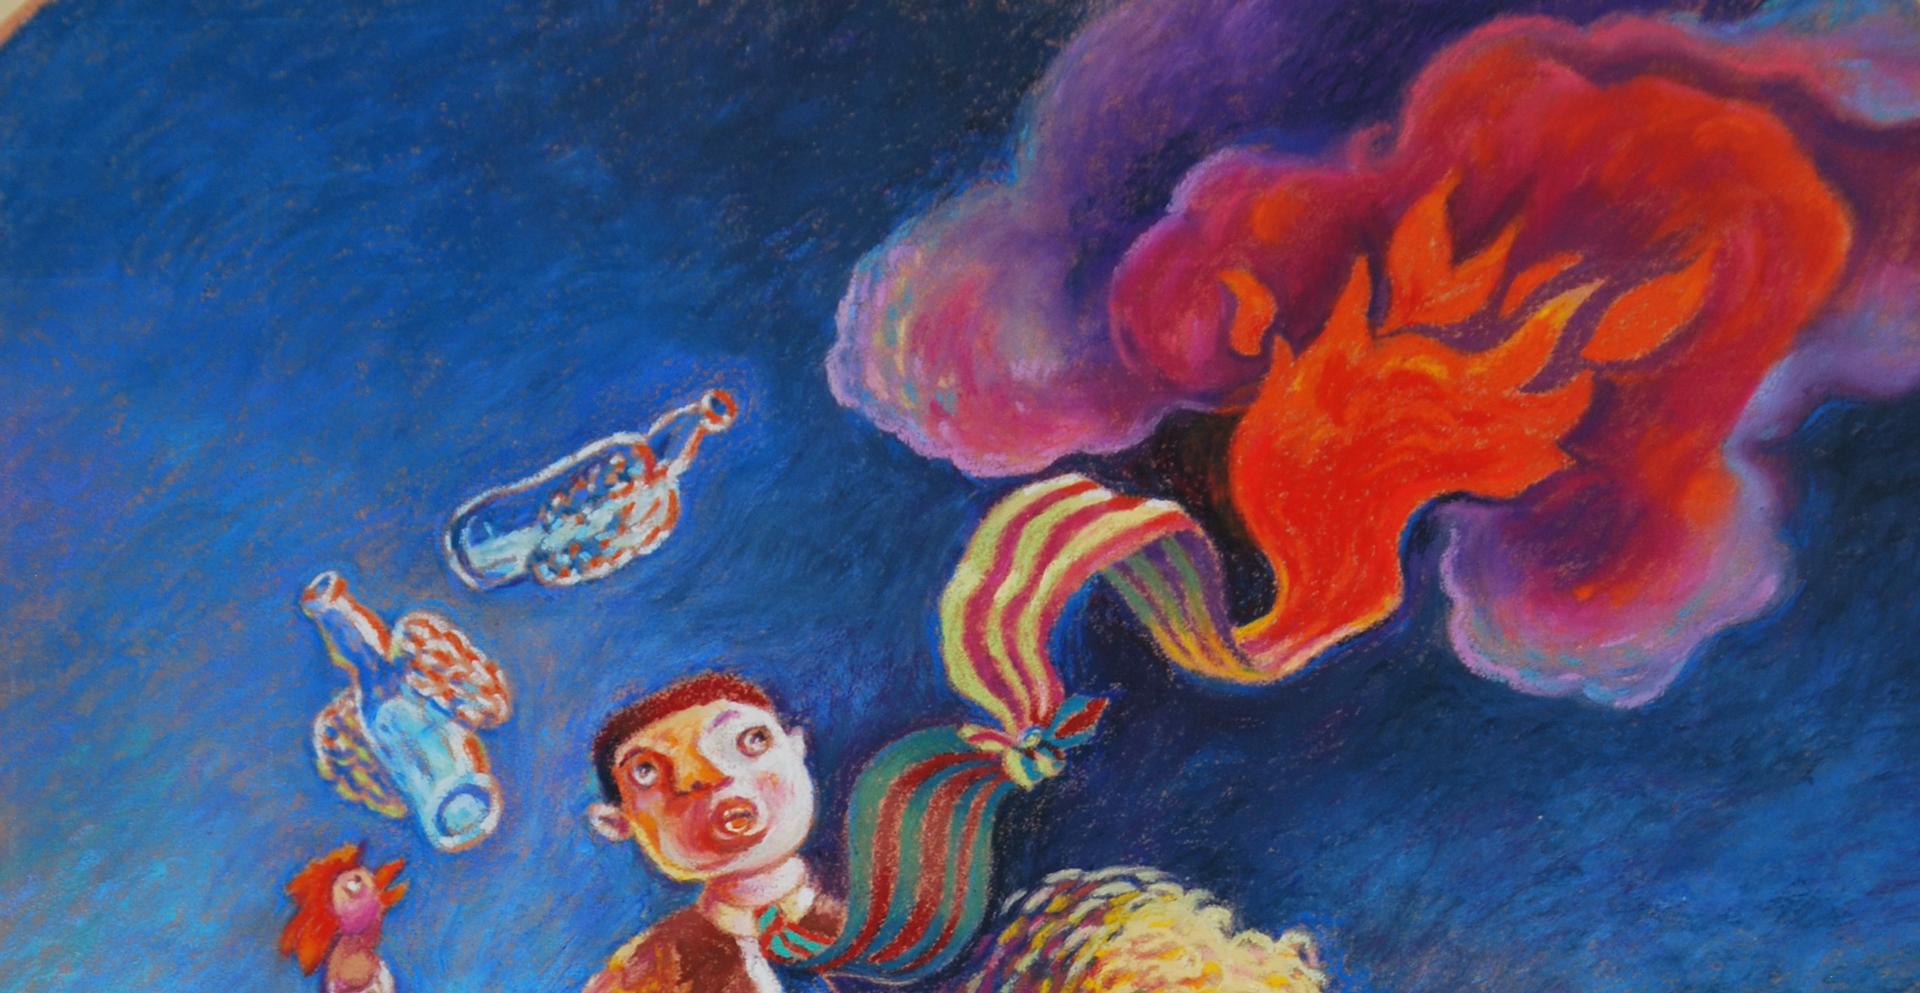 Retour sur l'atelier «Initiation au pastel gras» des samedis 4 et 11 mai animé par Hugo Ruales Hualca